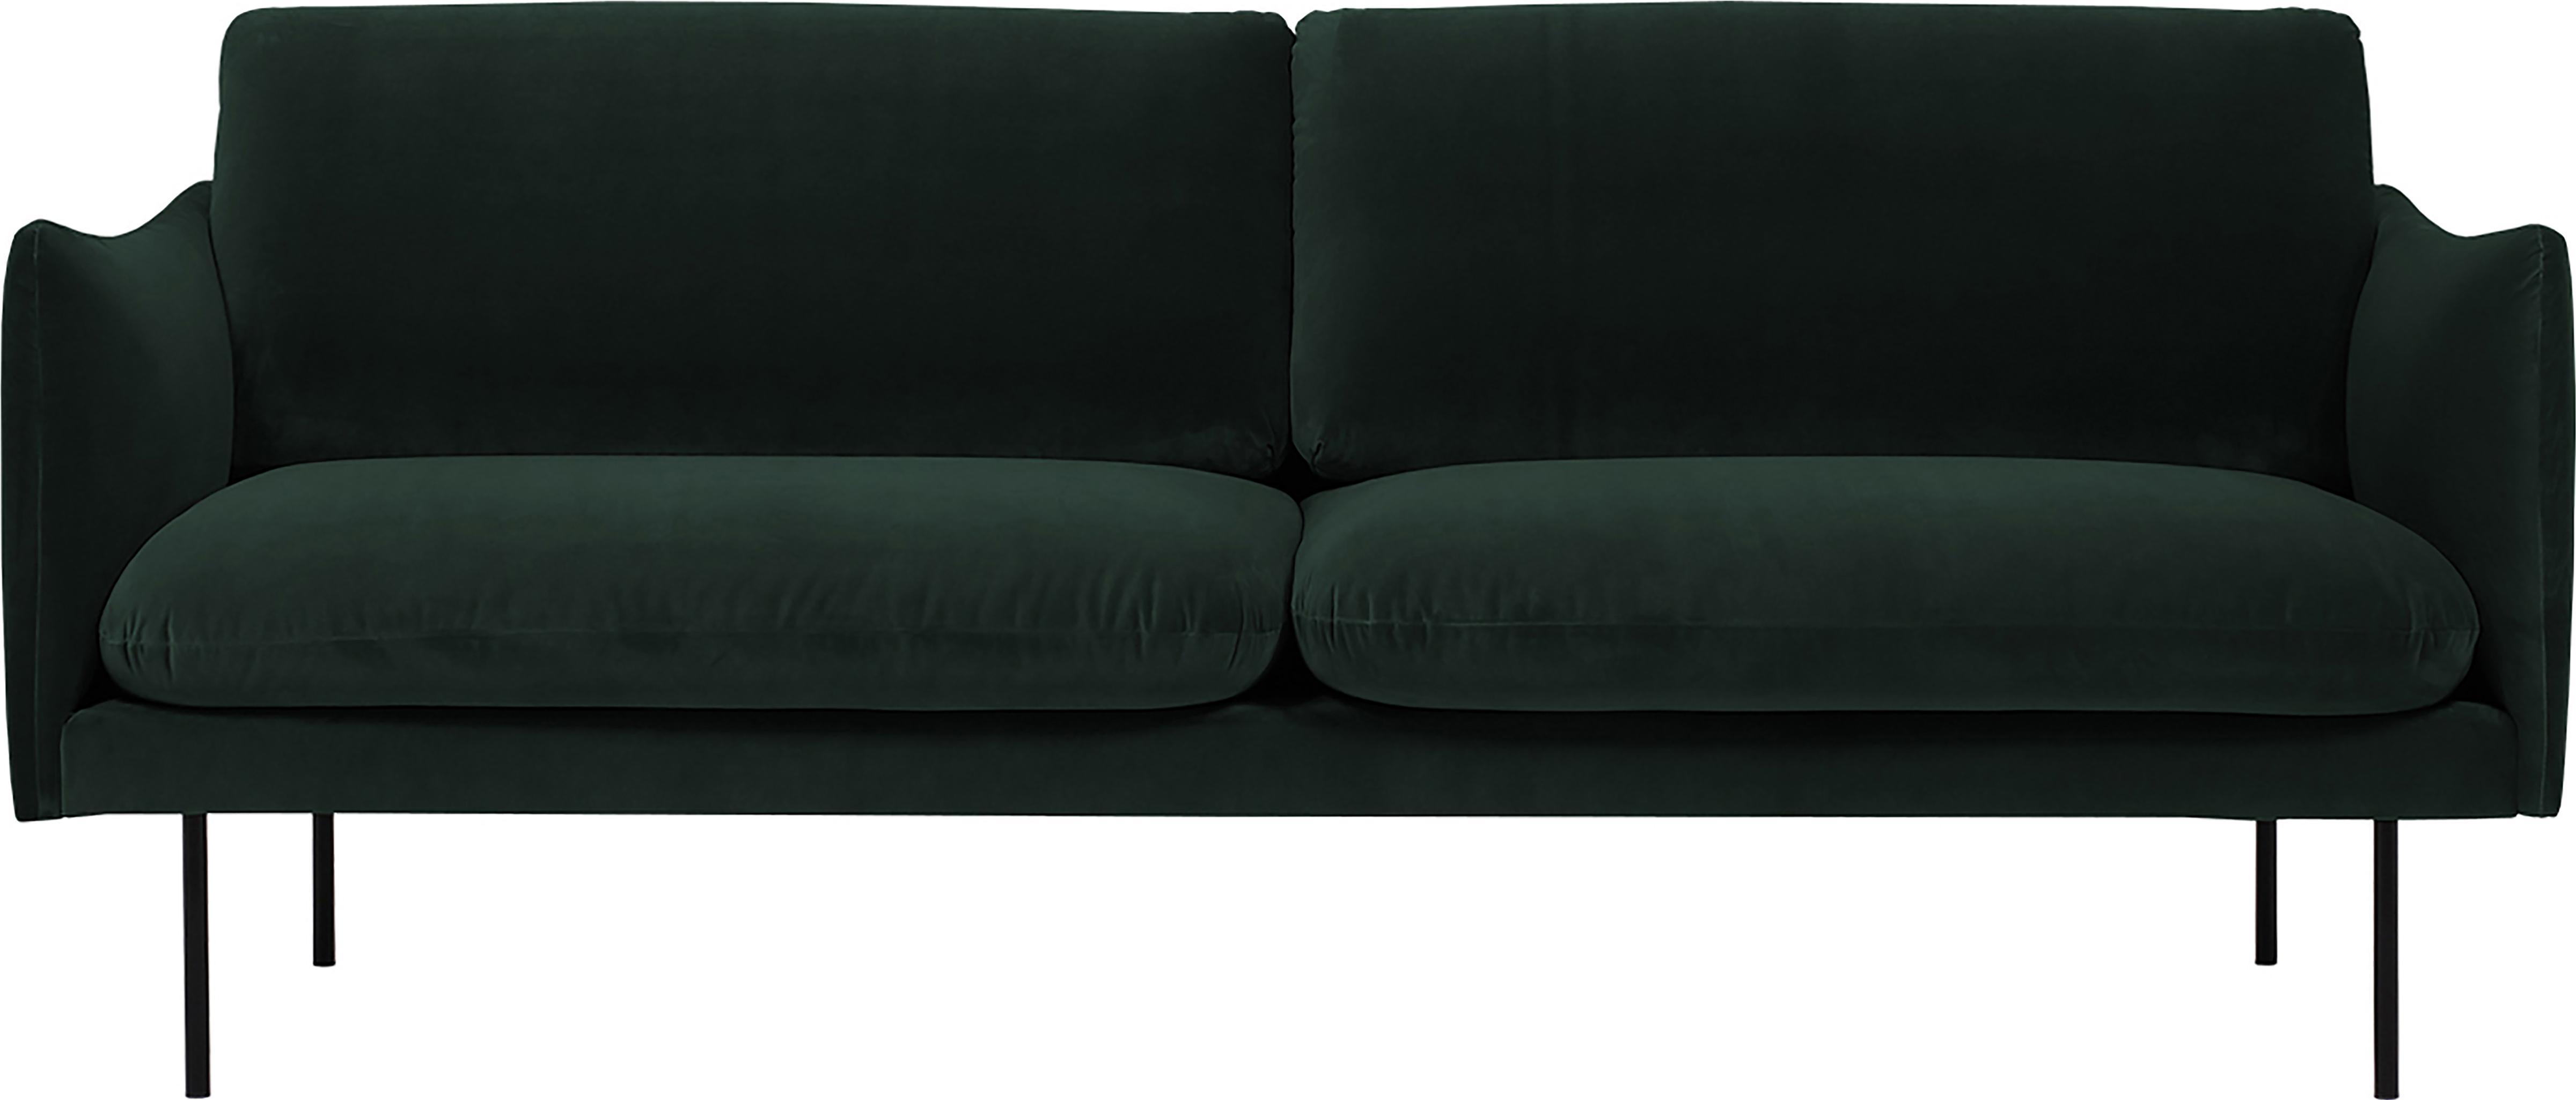 Fluwelen bank Moby (2-zits), Bekleding: fluweel (hoogwaardige pol, Frame: massief grenenhout, Poten: gepoedercoat metaal, Donkergroen, B 170 x D 95 cm